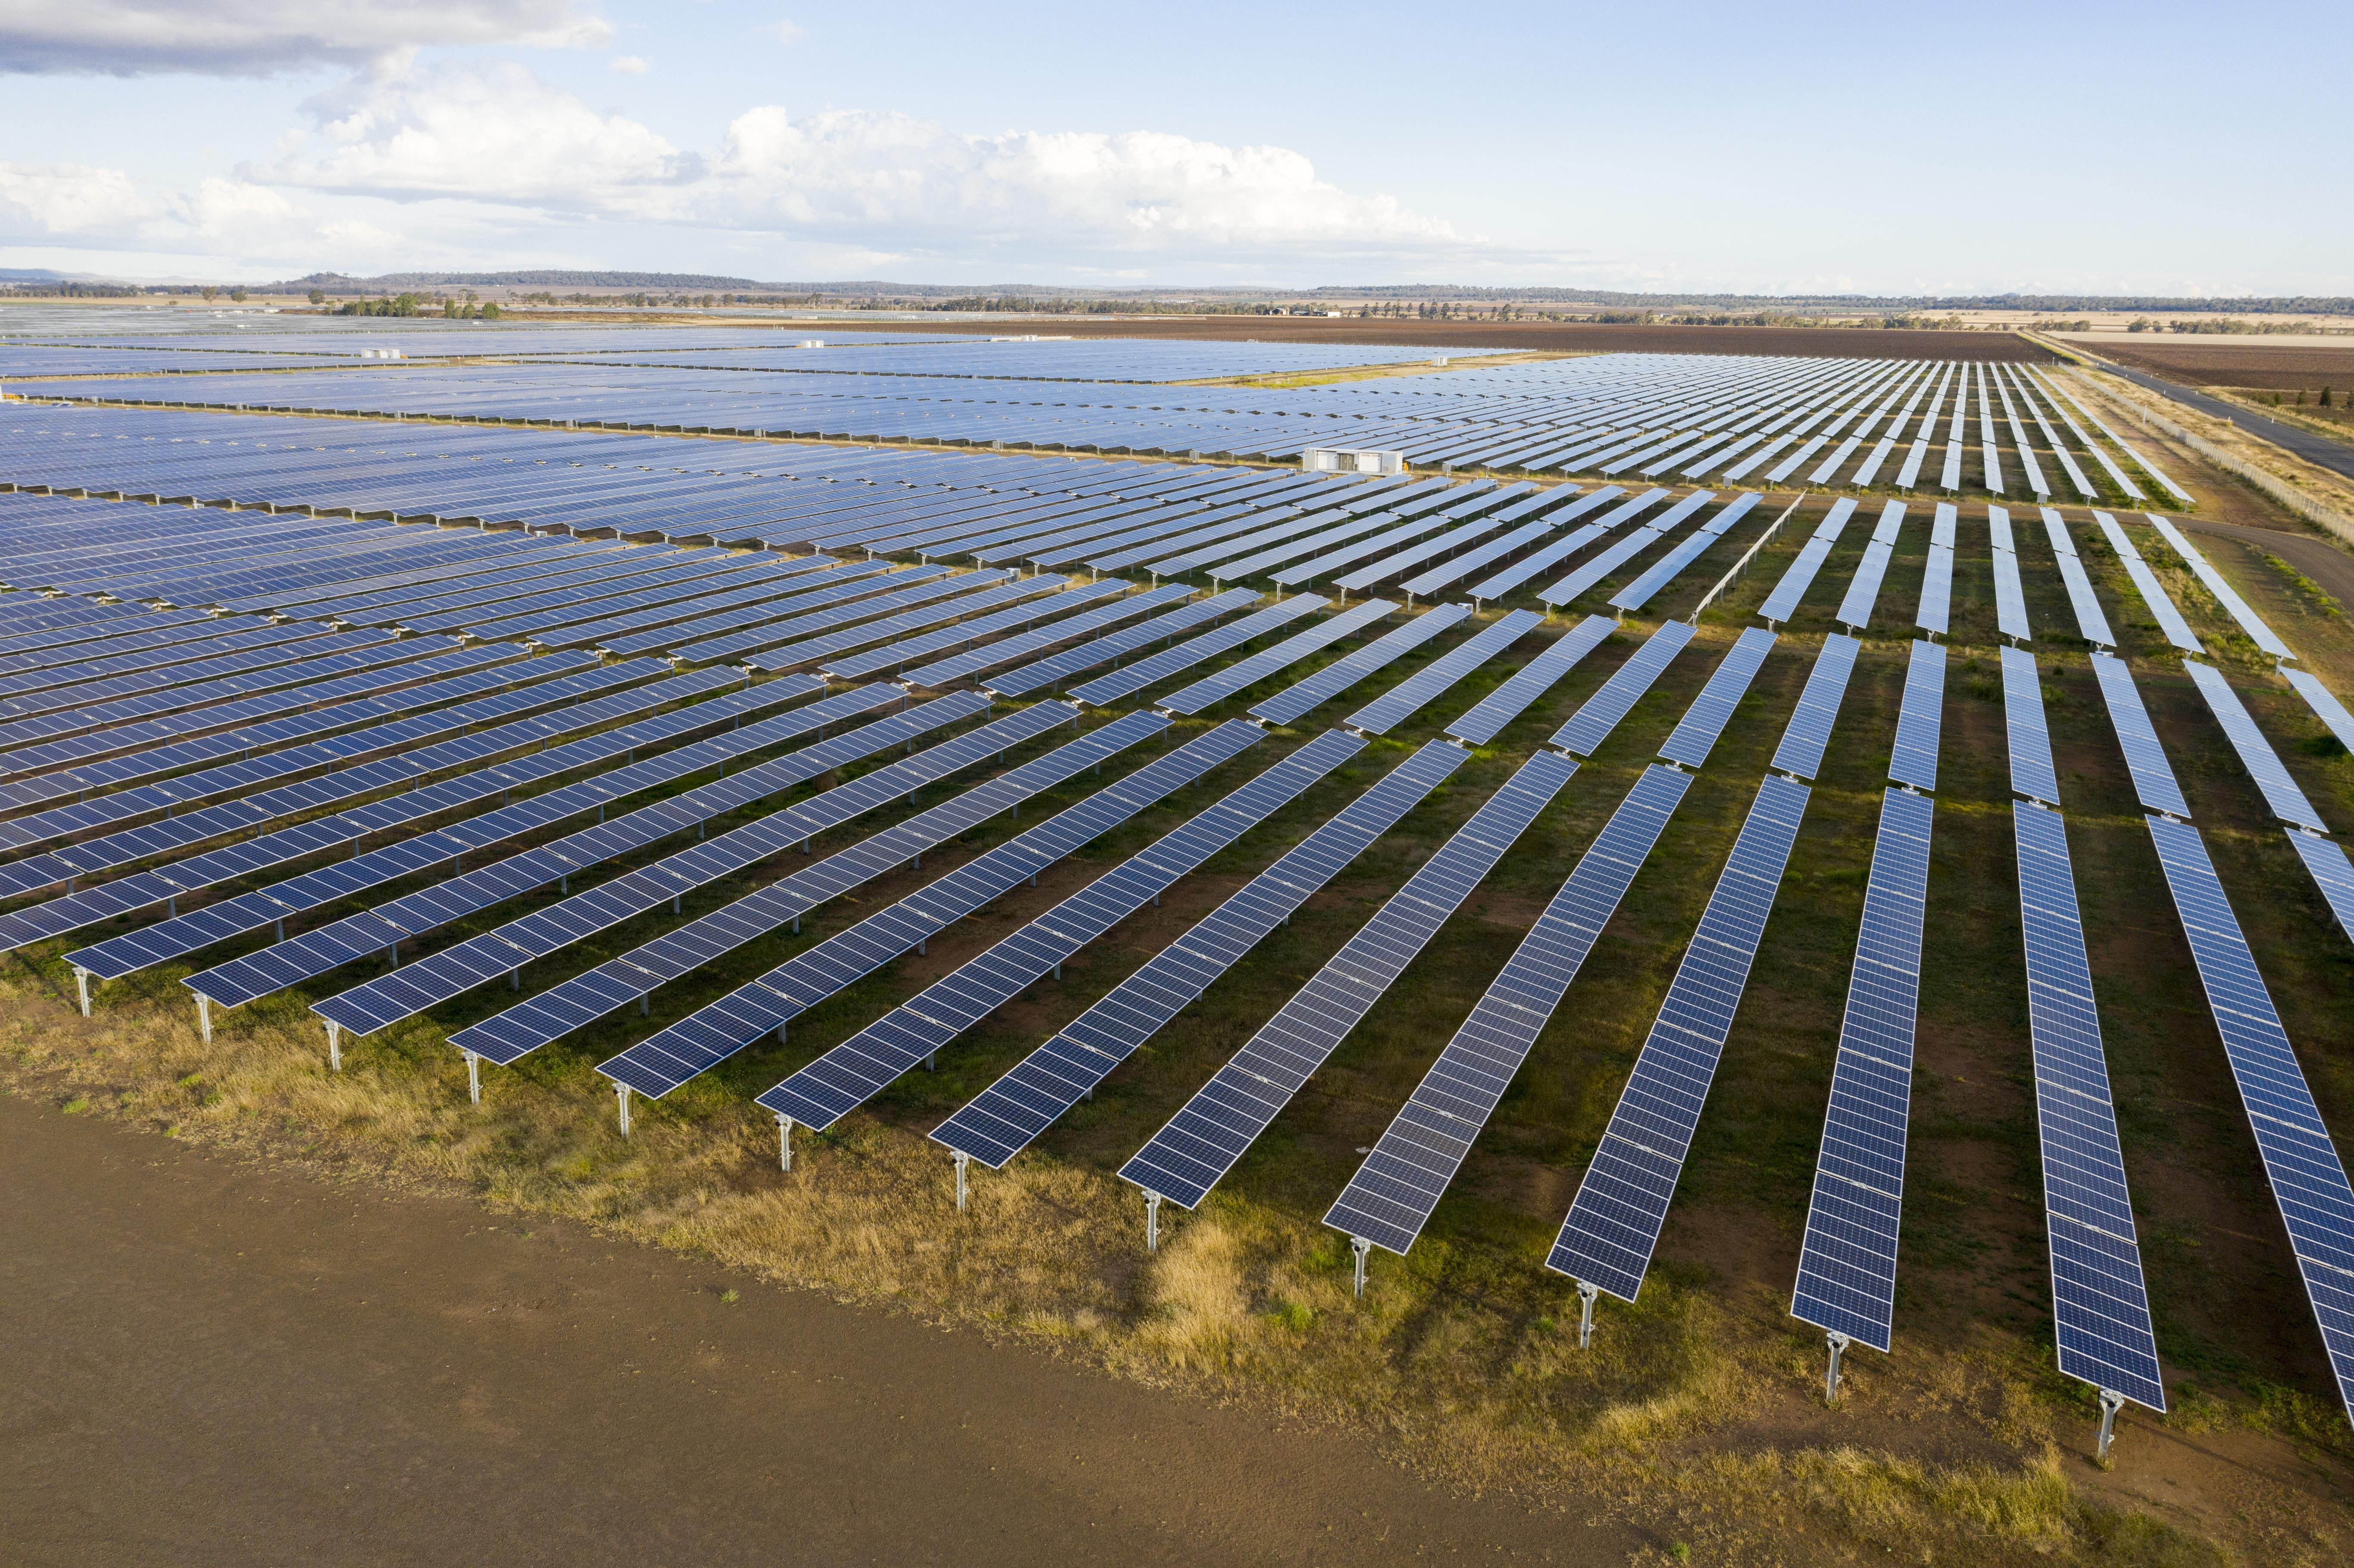 A huge solar farm